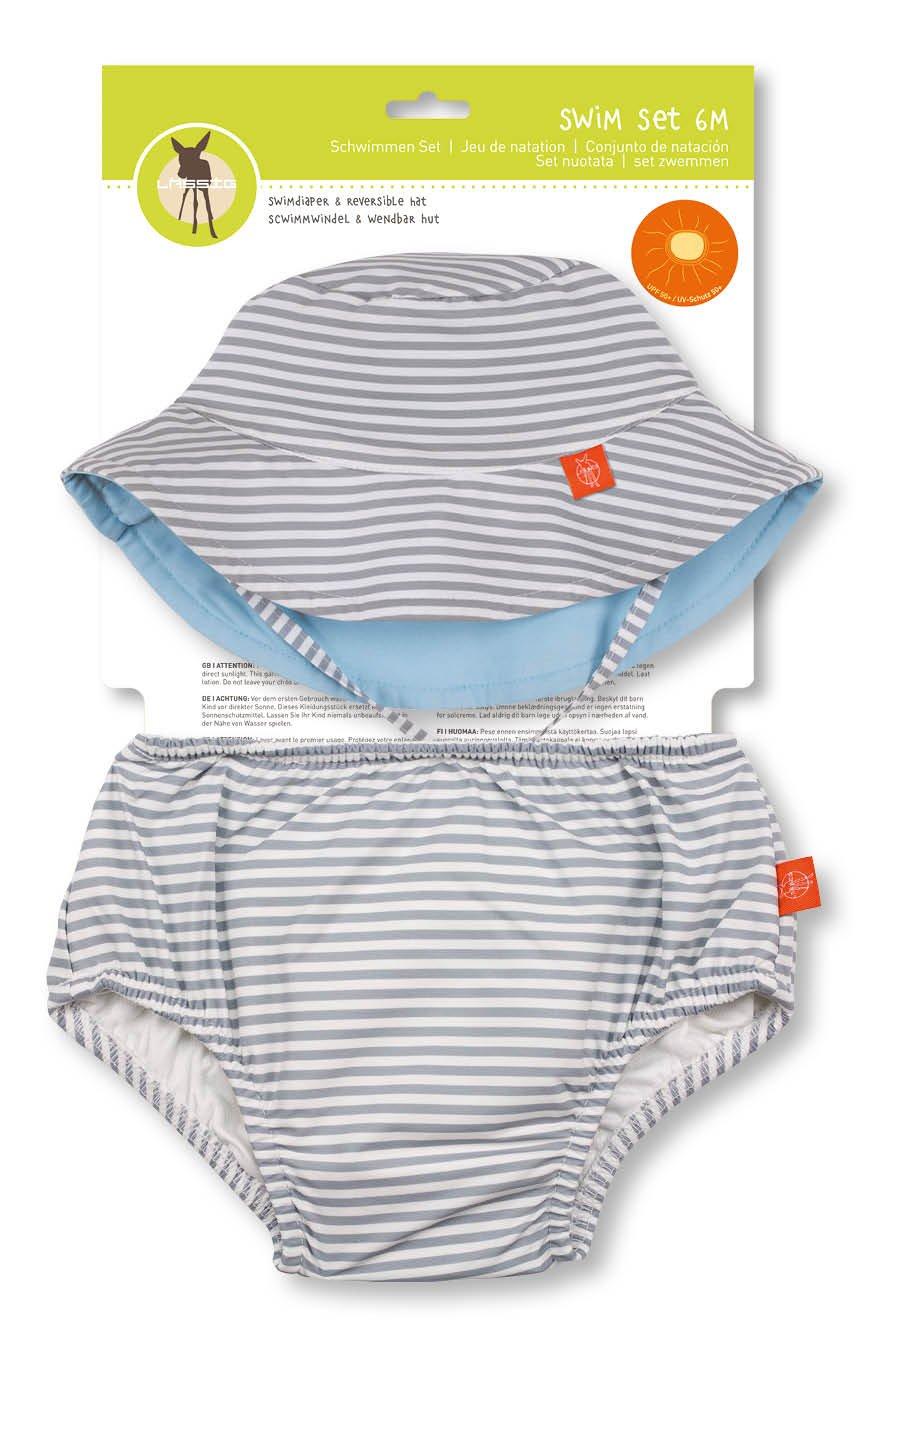 Lässig 1431011803 Baby Swim Set Hut und Schwimmwindel girls, Sun, 6 Monate, orange Laessig GmbH 1431011803/6M